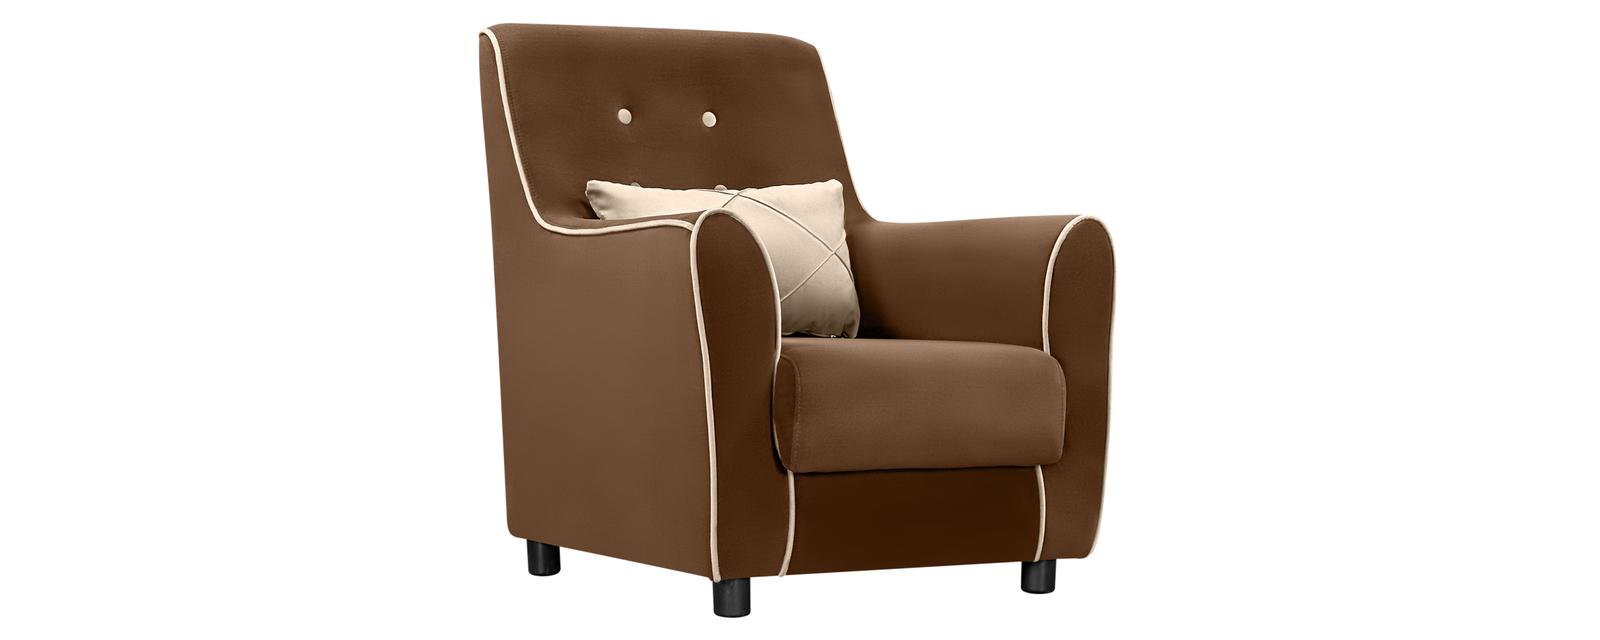 Кресло HomeMe Флэтфорд от Homeme.ru